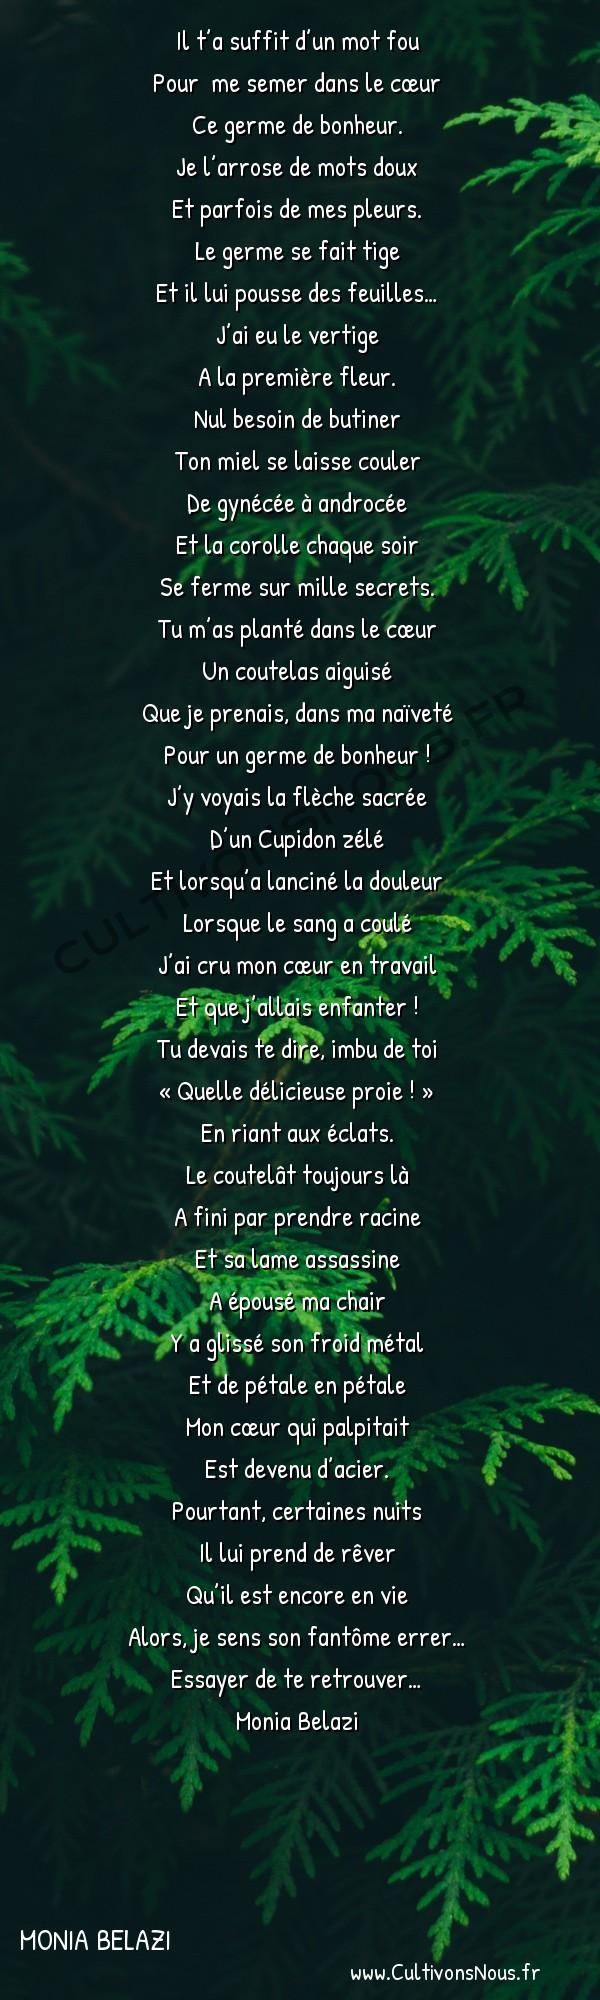 Poésies contemporaines - Monia Belazi - Pour  toujours… -  Il t'a suffit d'un mot fou Pour me semer dans le cœur